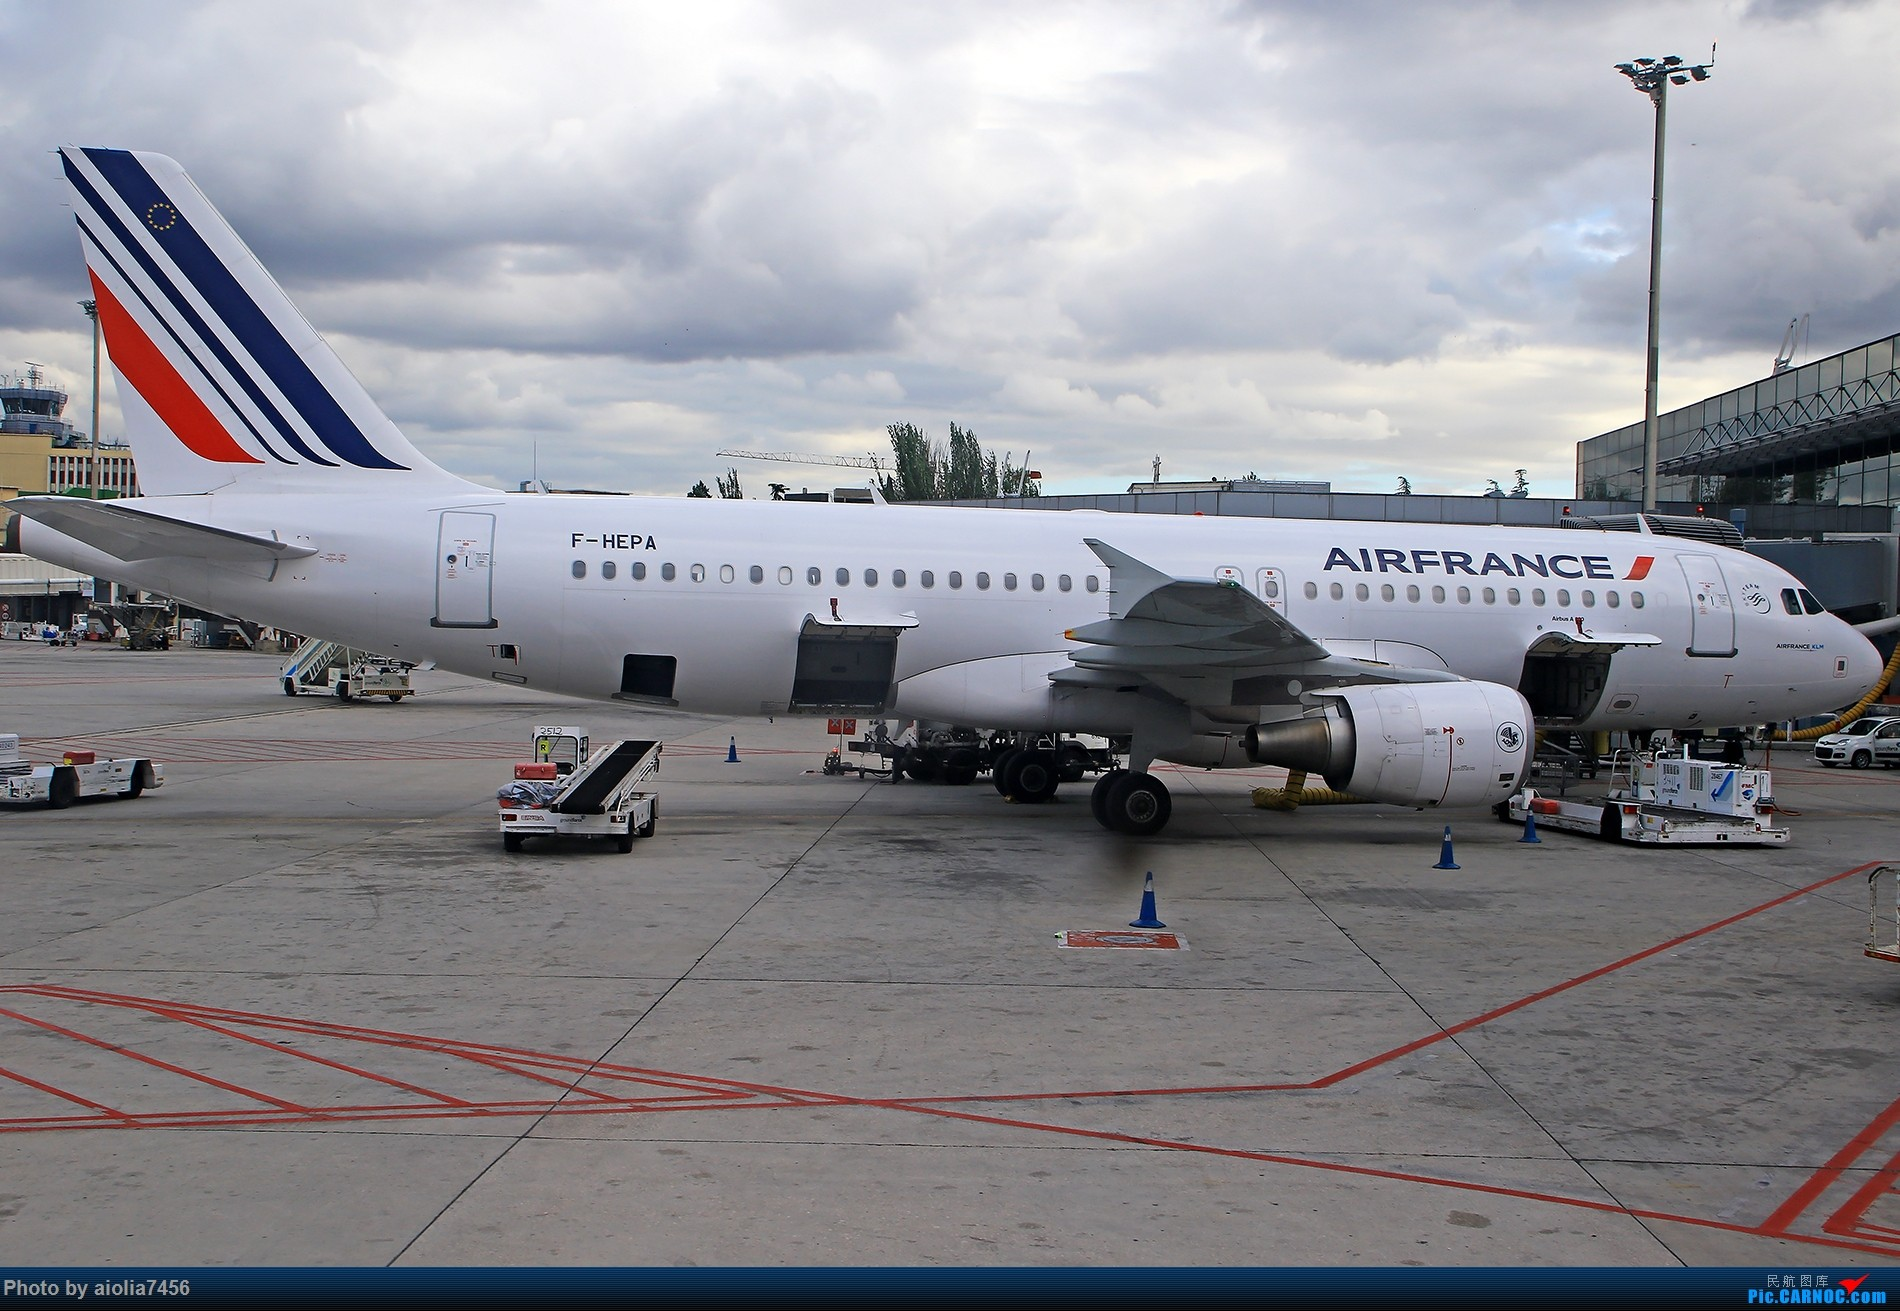 Re:[原创]【合肥飞友会】西行归来第二弹--西行拍机 AIRBUS A320 F-HEPA 西班牙马德里机场